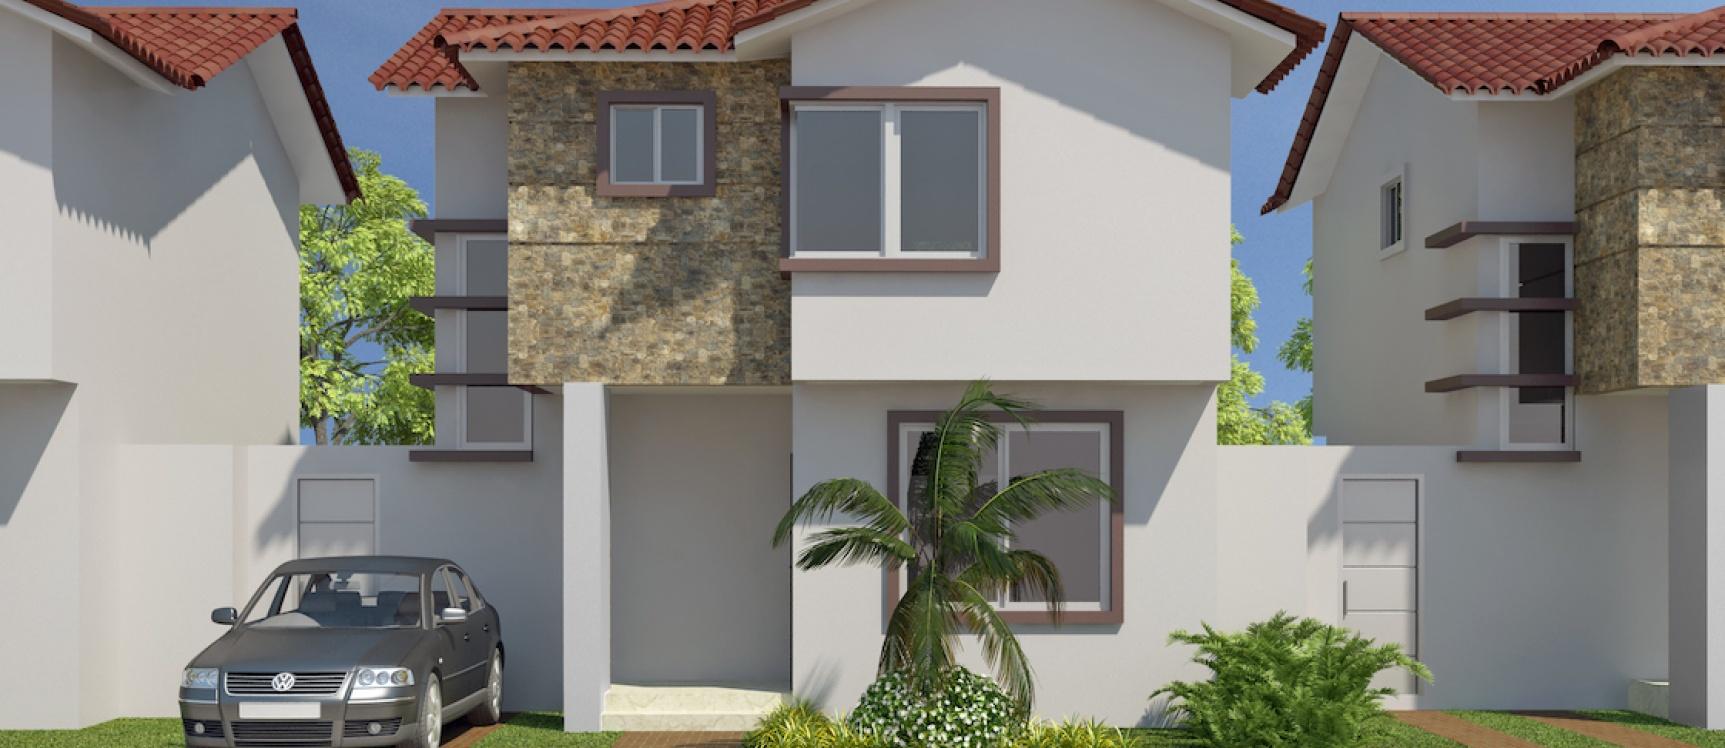 GeoBienes - Casa en venta en Costa Real Guayaquil Modelo A con 3 dormitorios - Plusvalia Guayaquil Casas de venta y alquiler Inmobiliaria Ecuador